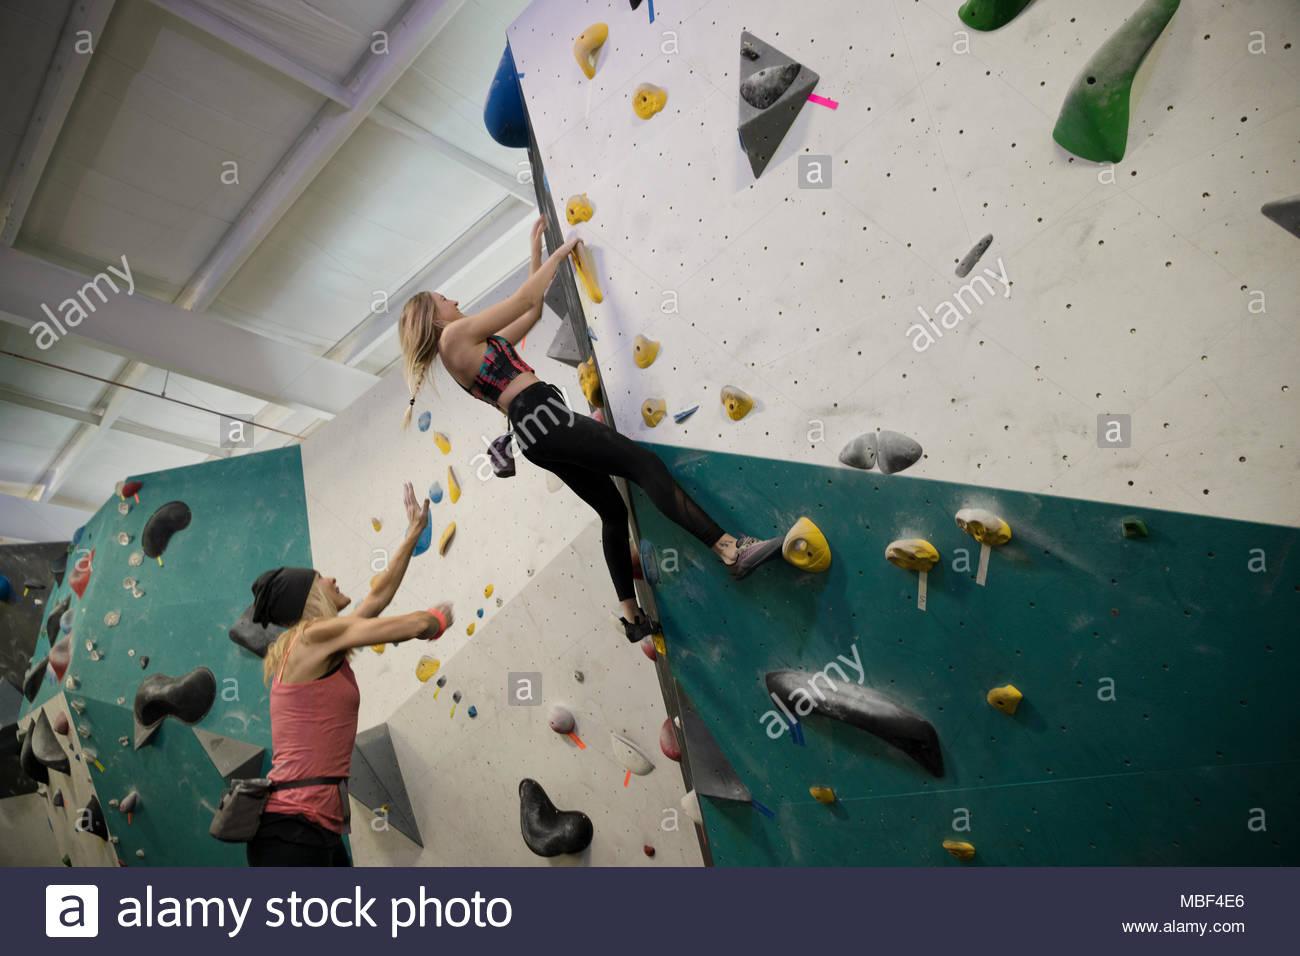 Escalador manchado pareja femenina muro de escalada en el gimnasio de escalada Imagen De Stock